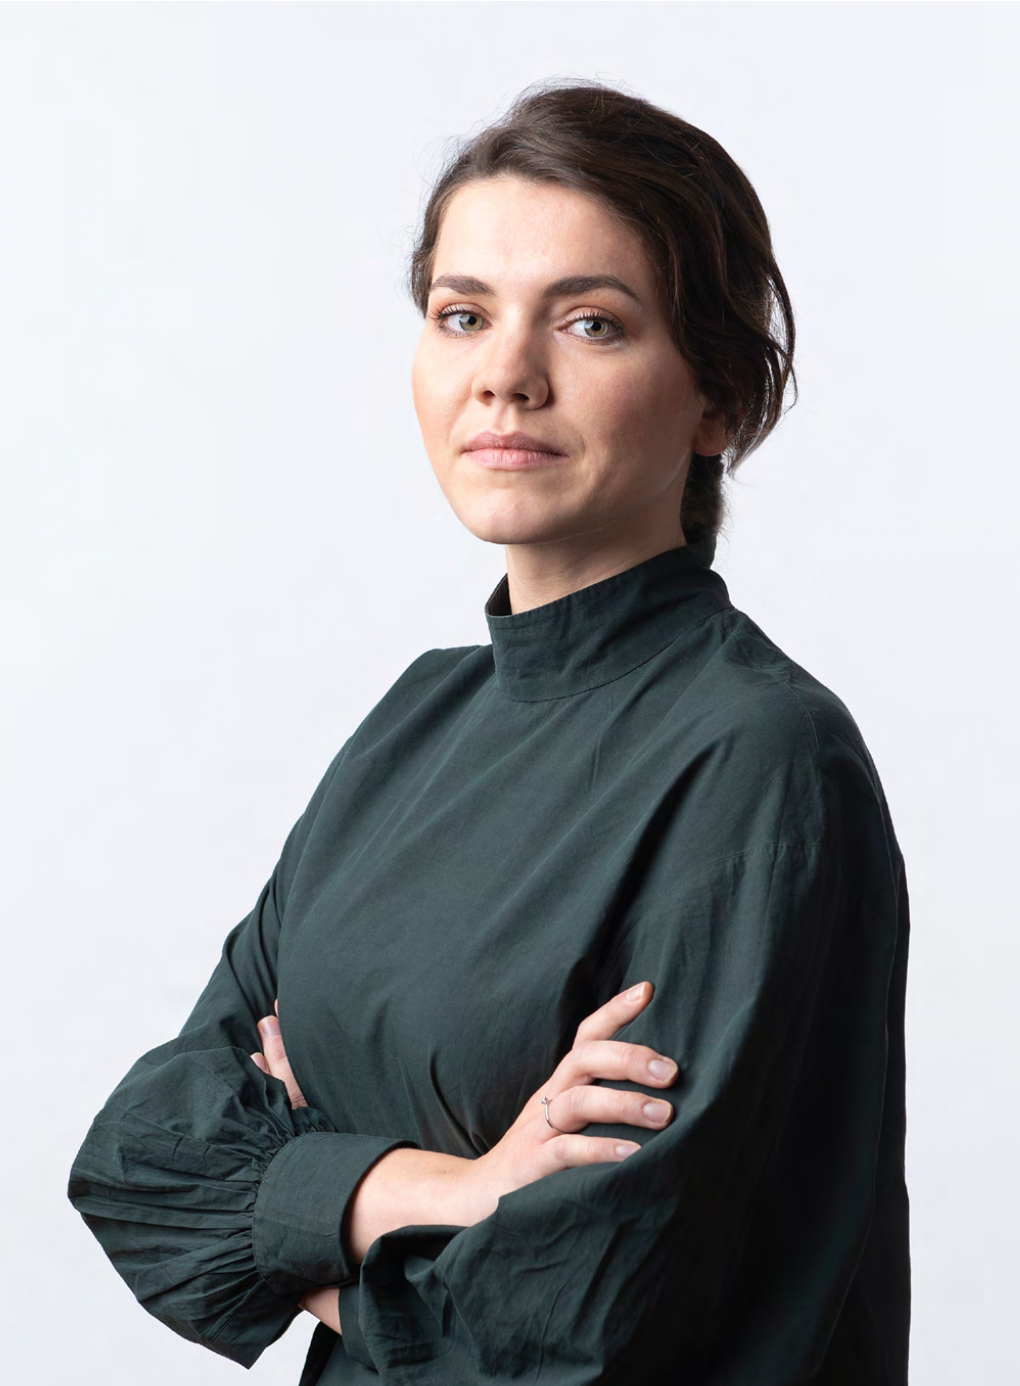 Alicja_Palys